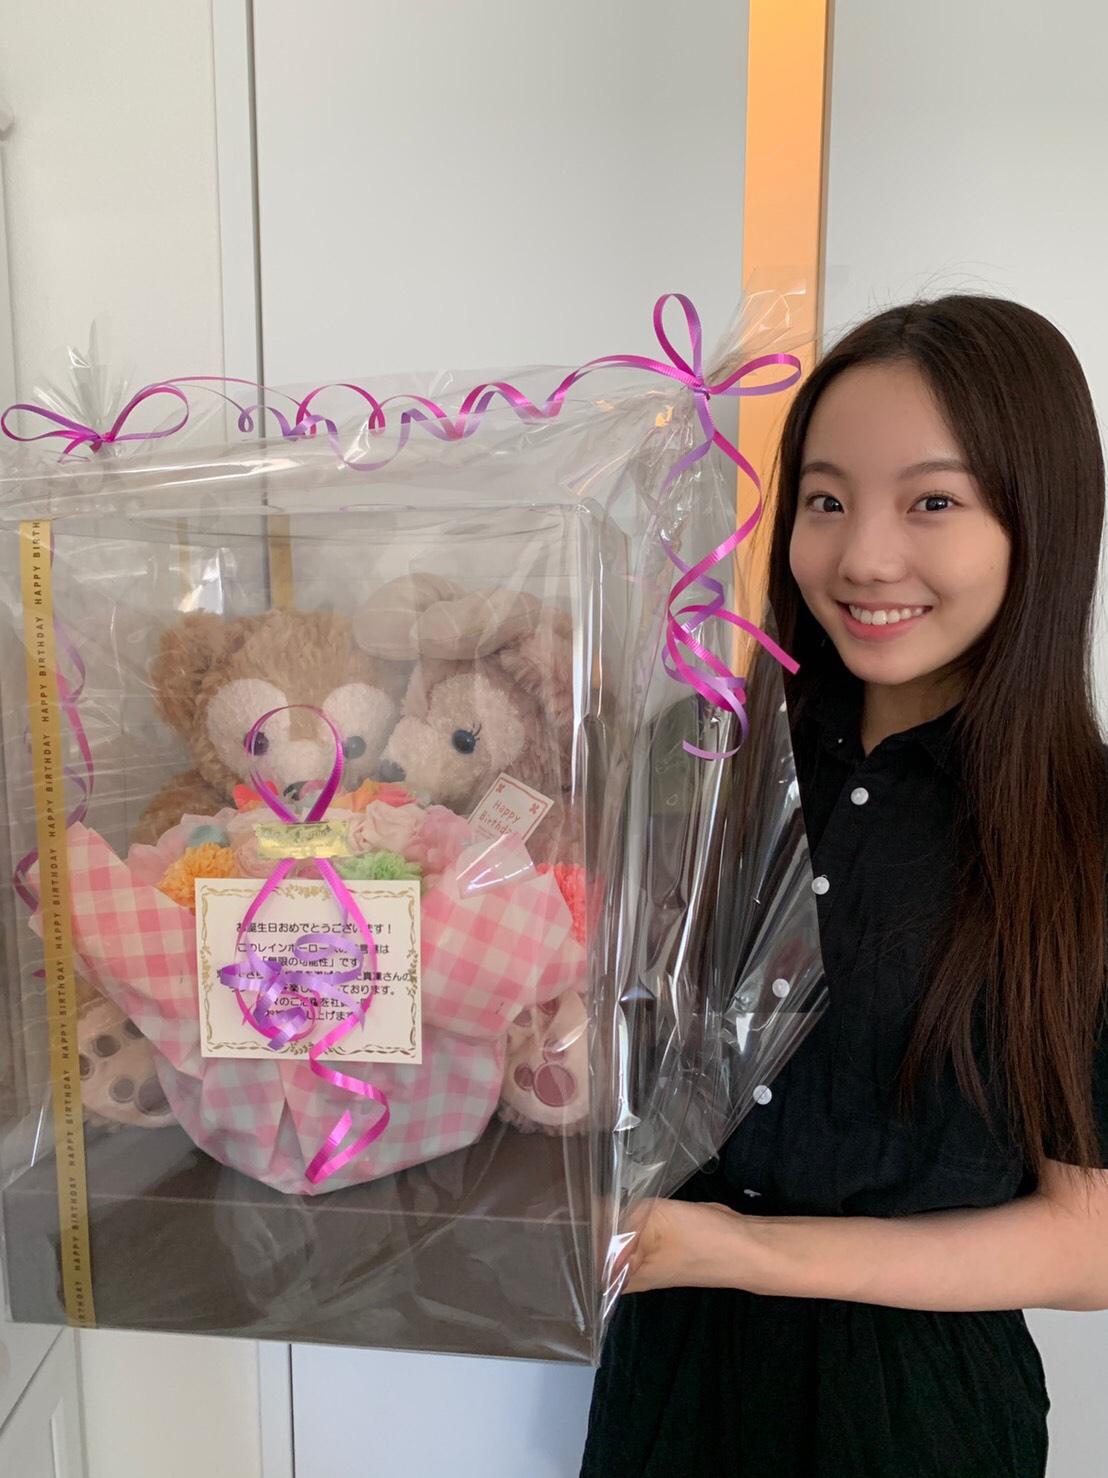 本田真凜 選手18歳 お誕生日おめでとうございます!